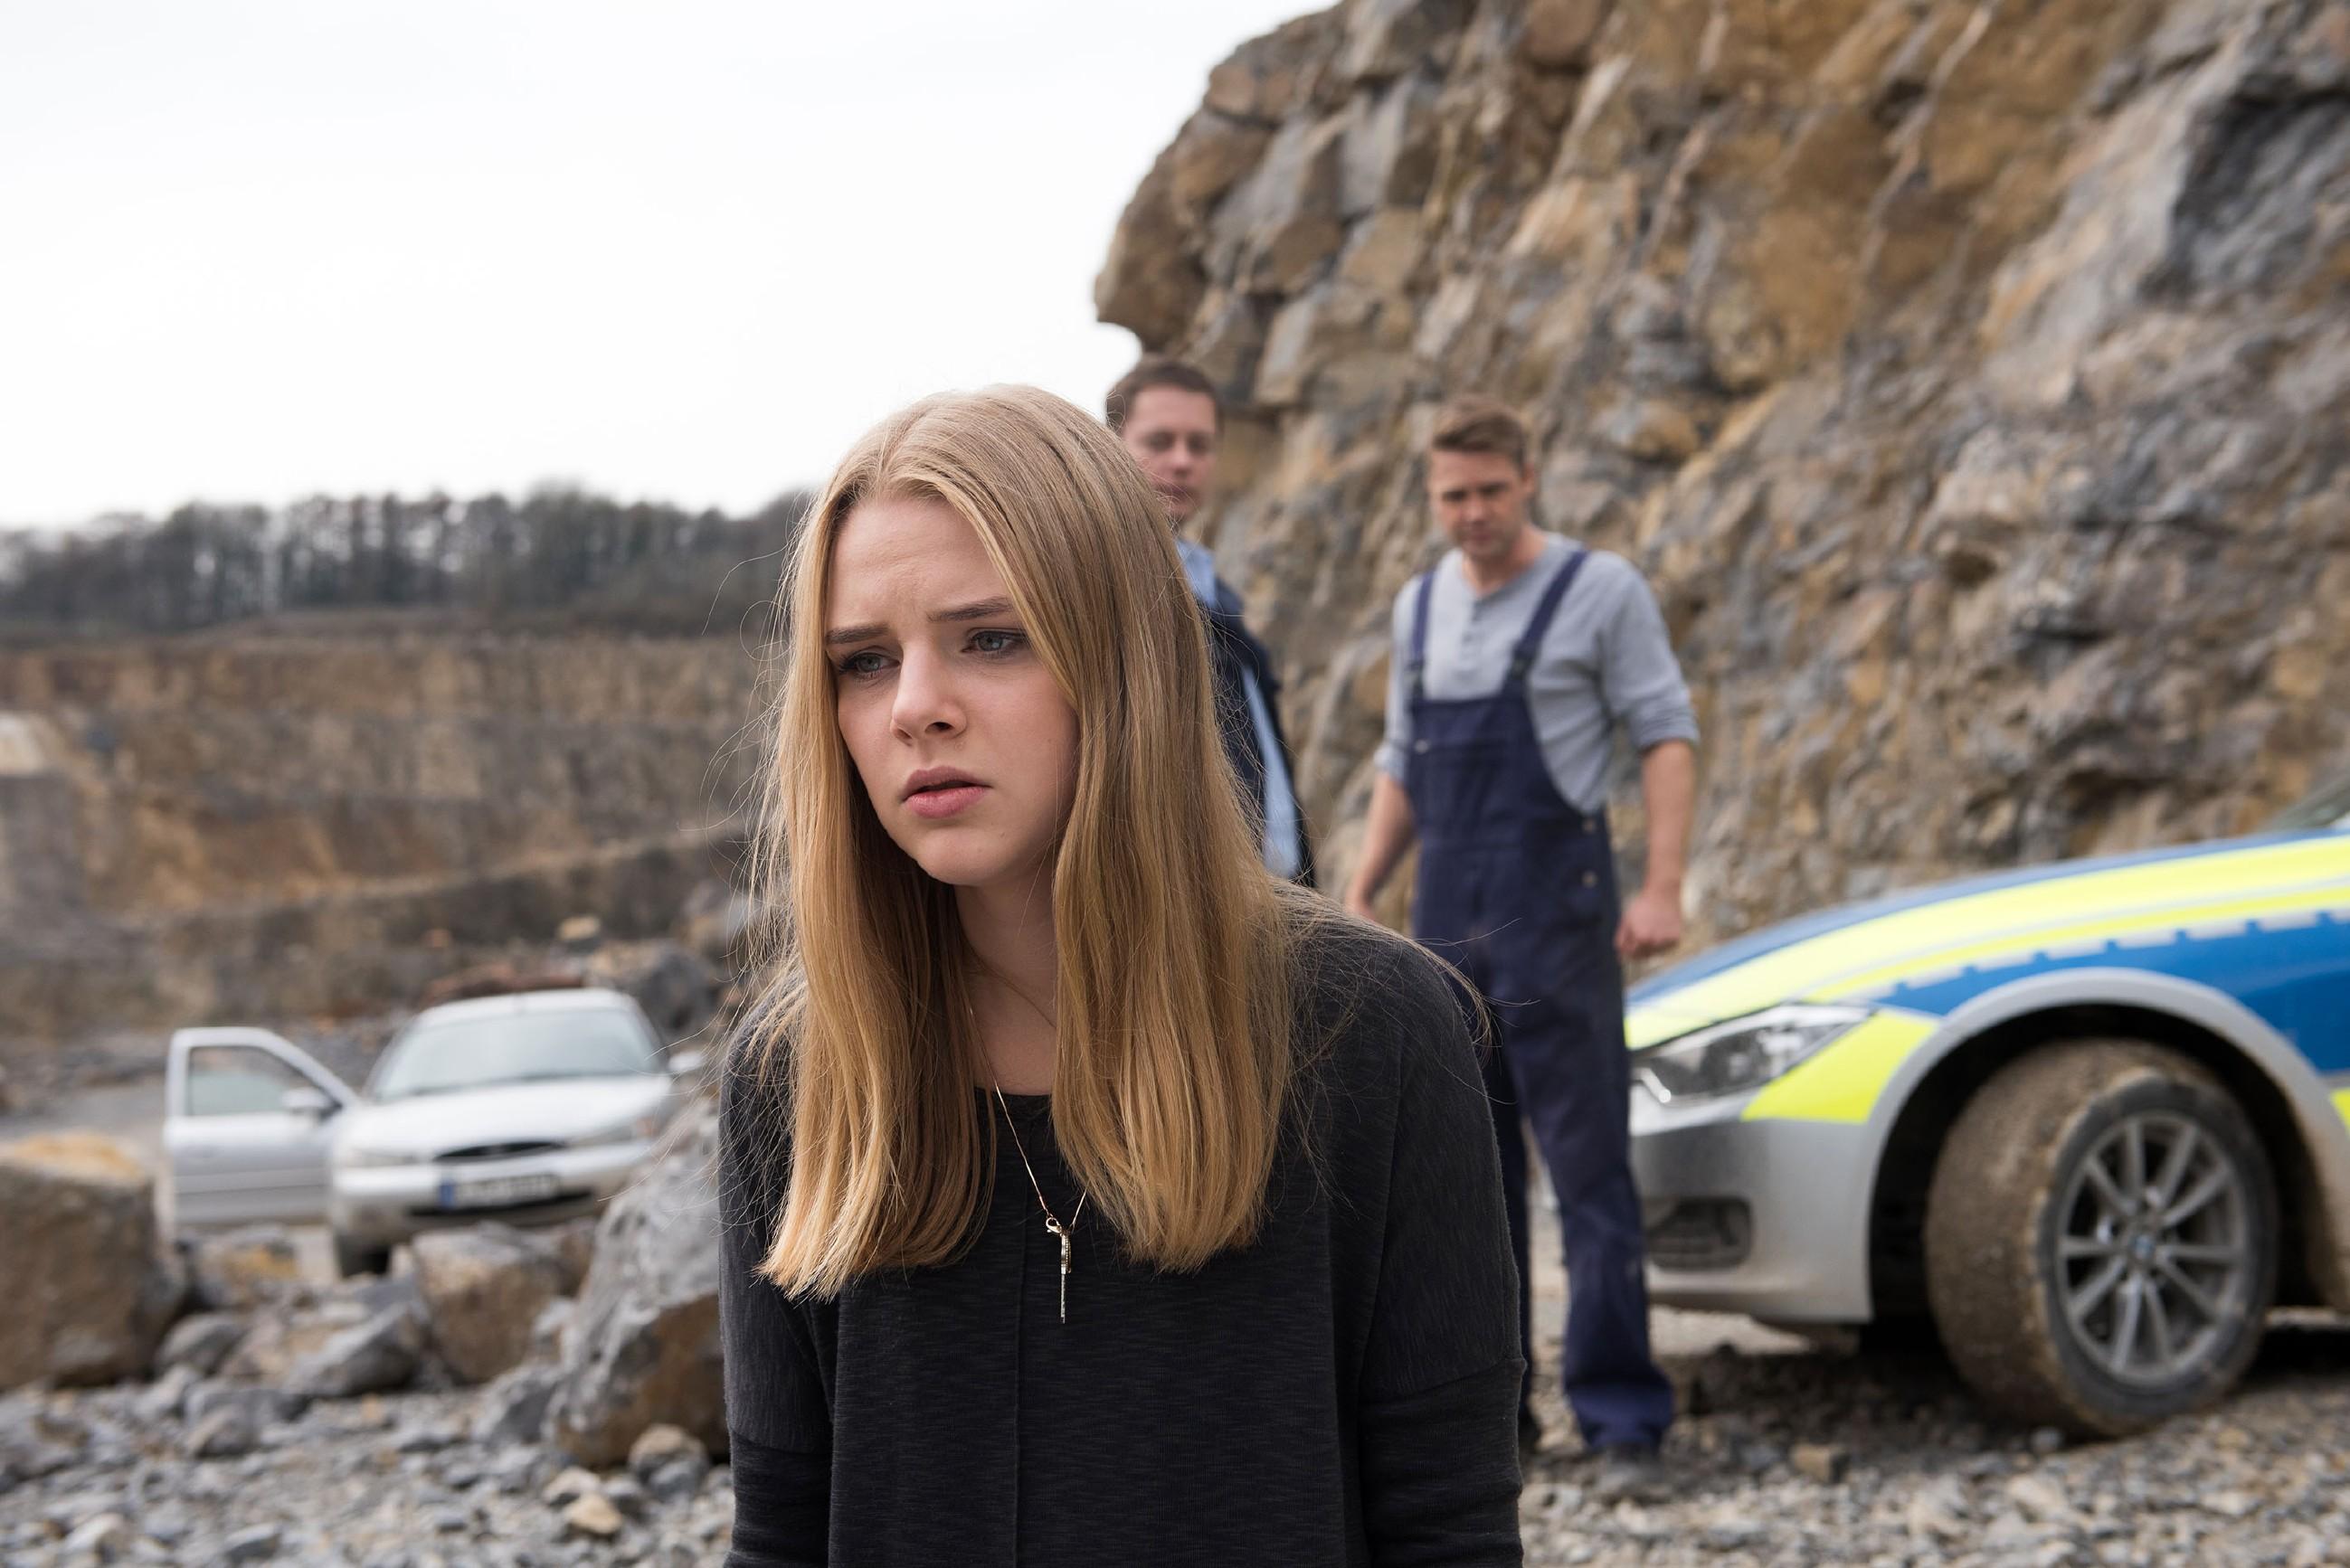 Als Fiona (Olivia Burkhart) mit Bambi (Benjamin Heinrich, r.) am Unfallort eintrifft, realisiert sie, dass Rolf tot ist und bricht zusammen... (Quelle: RTL / Stefan Behrens)